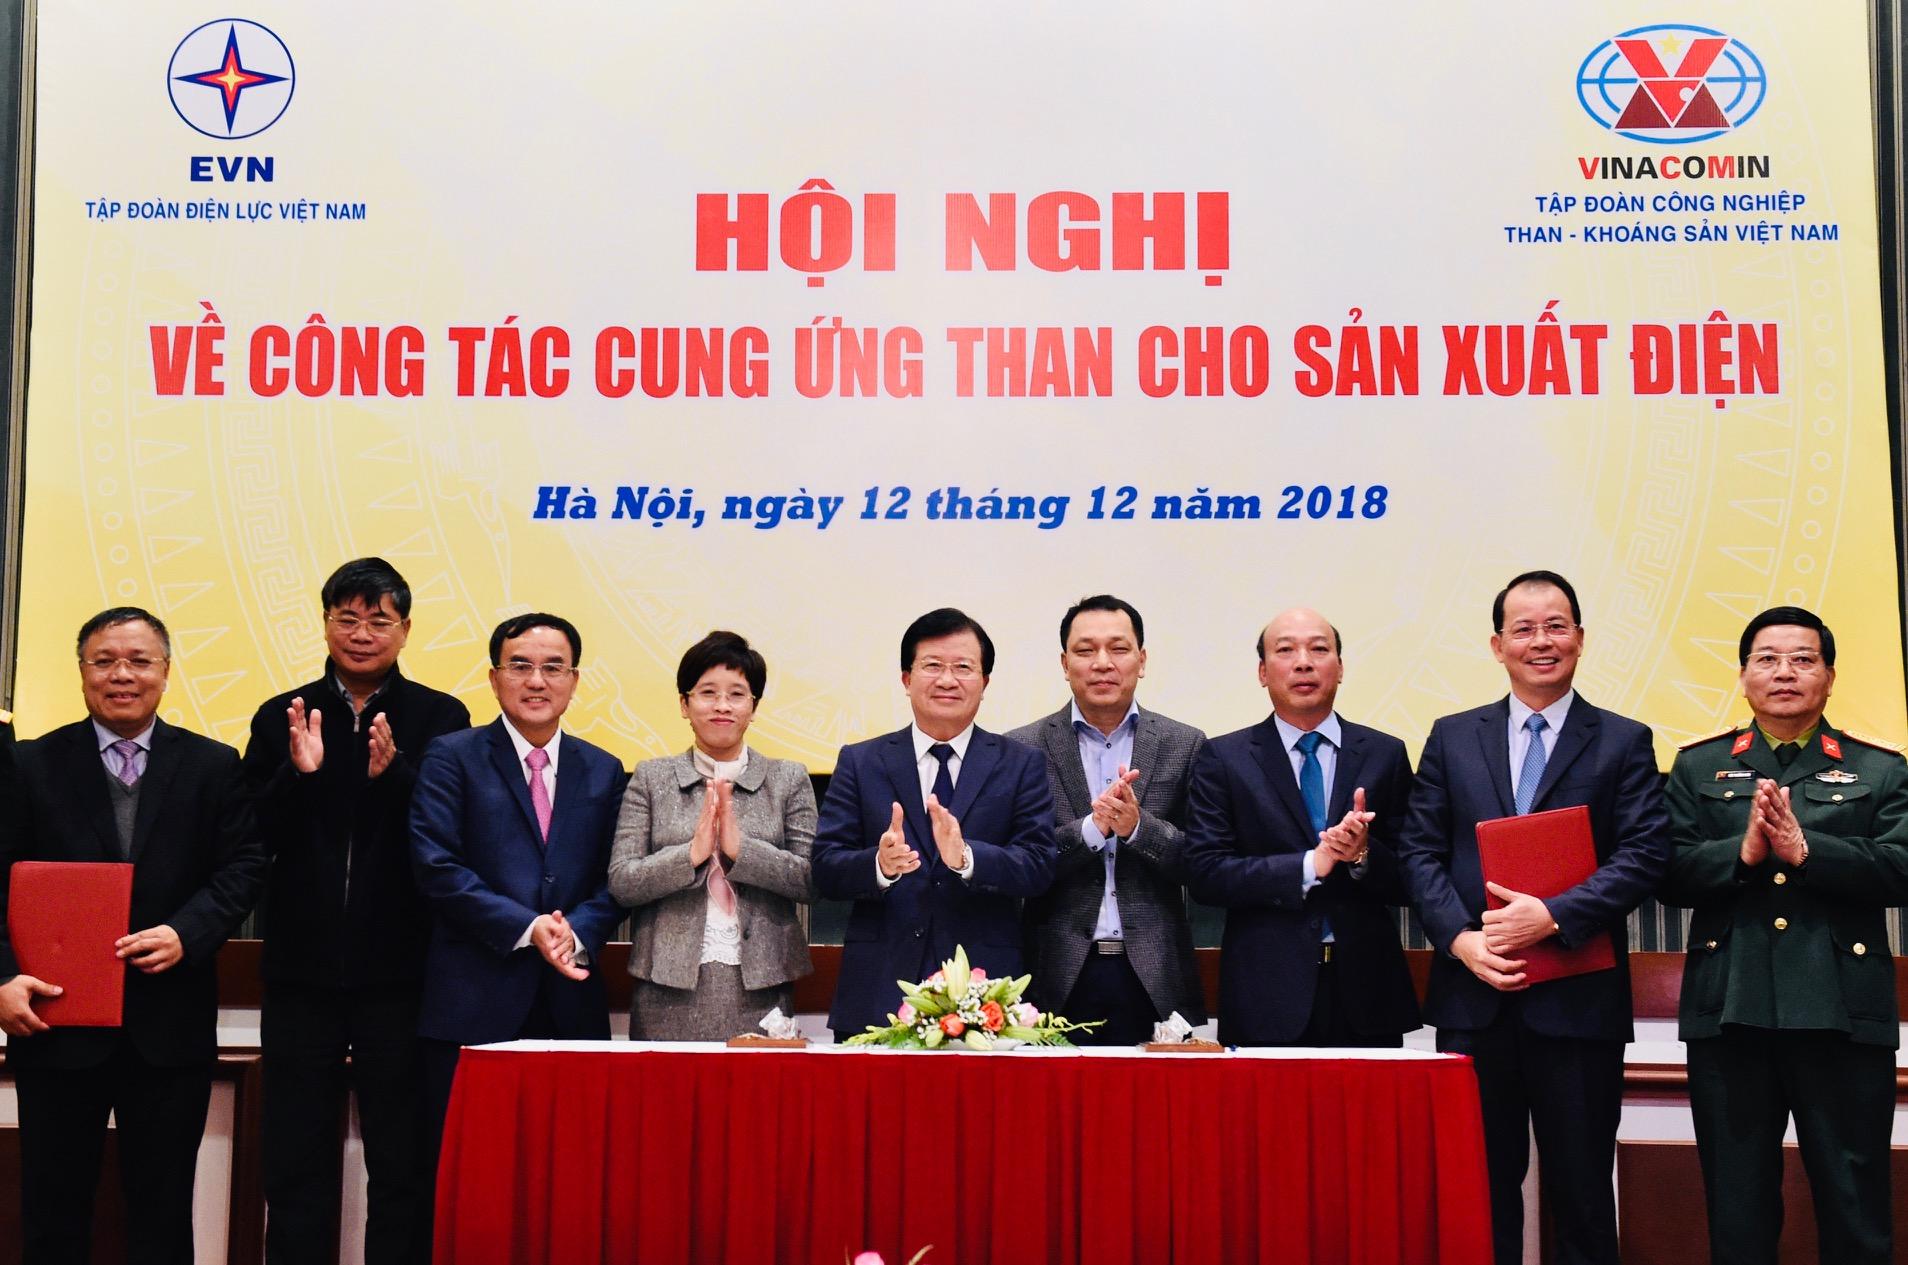 phai cung ung du than de phat dien bao dam san xuat va sinh hoat